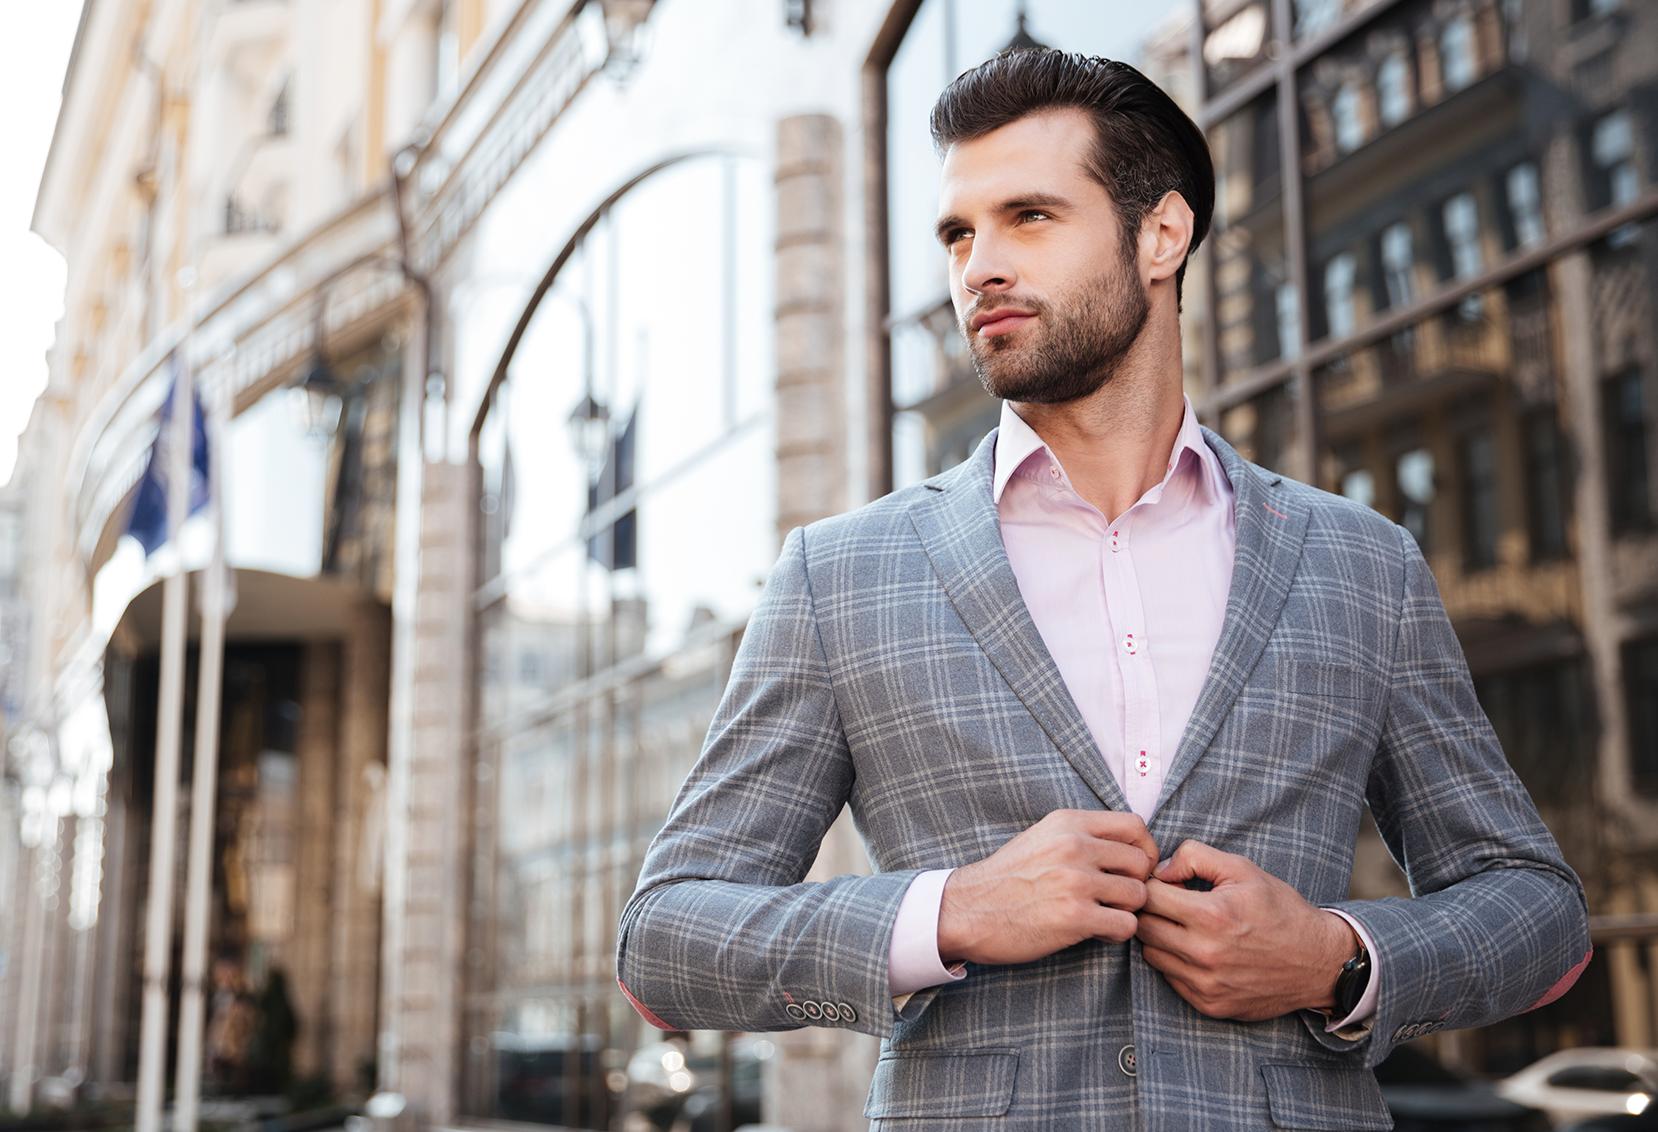 Dicas De Moda Masculina: Como Se Vestir Bem E Ter Estilo